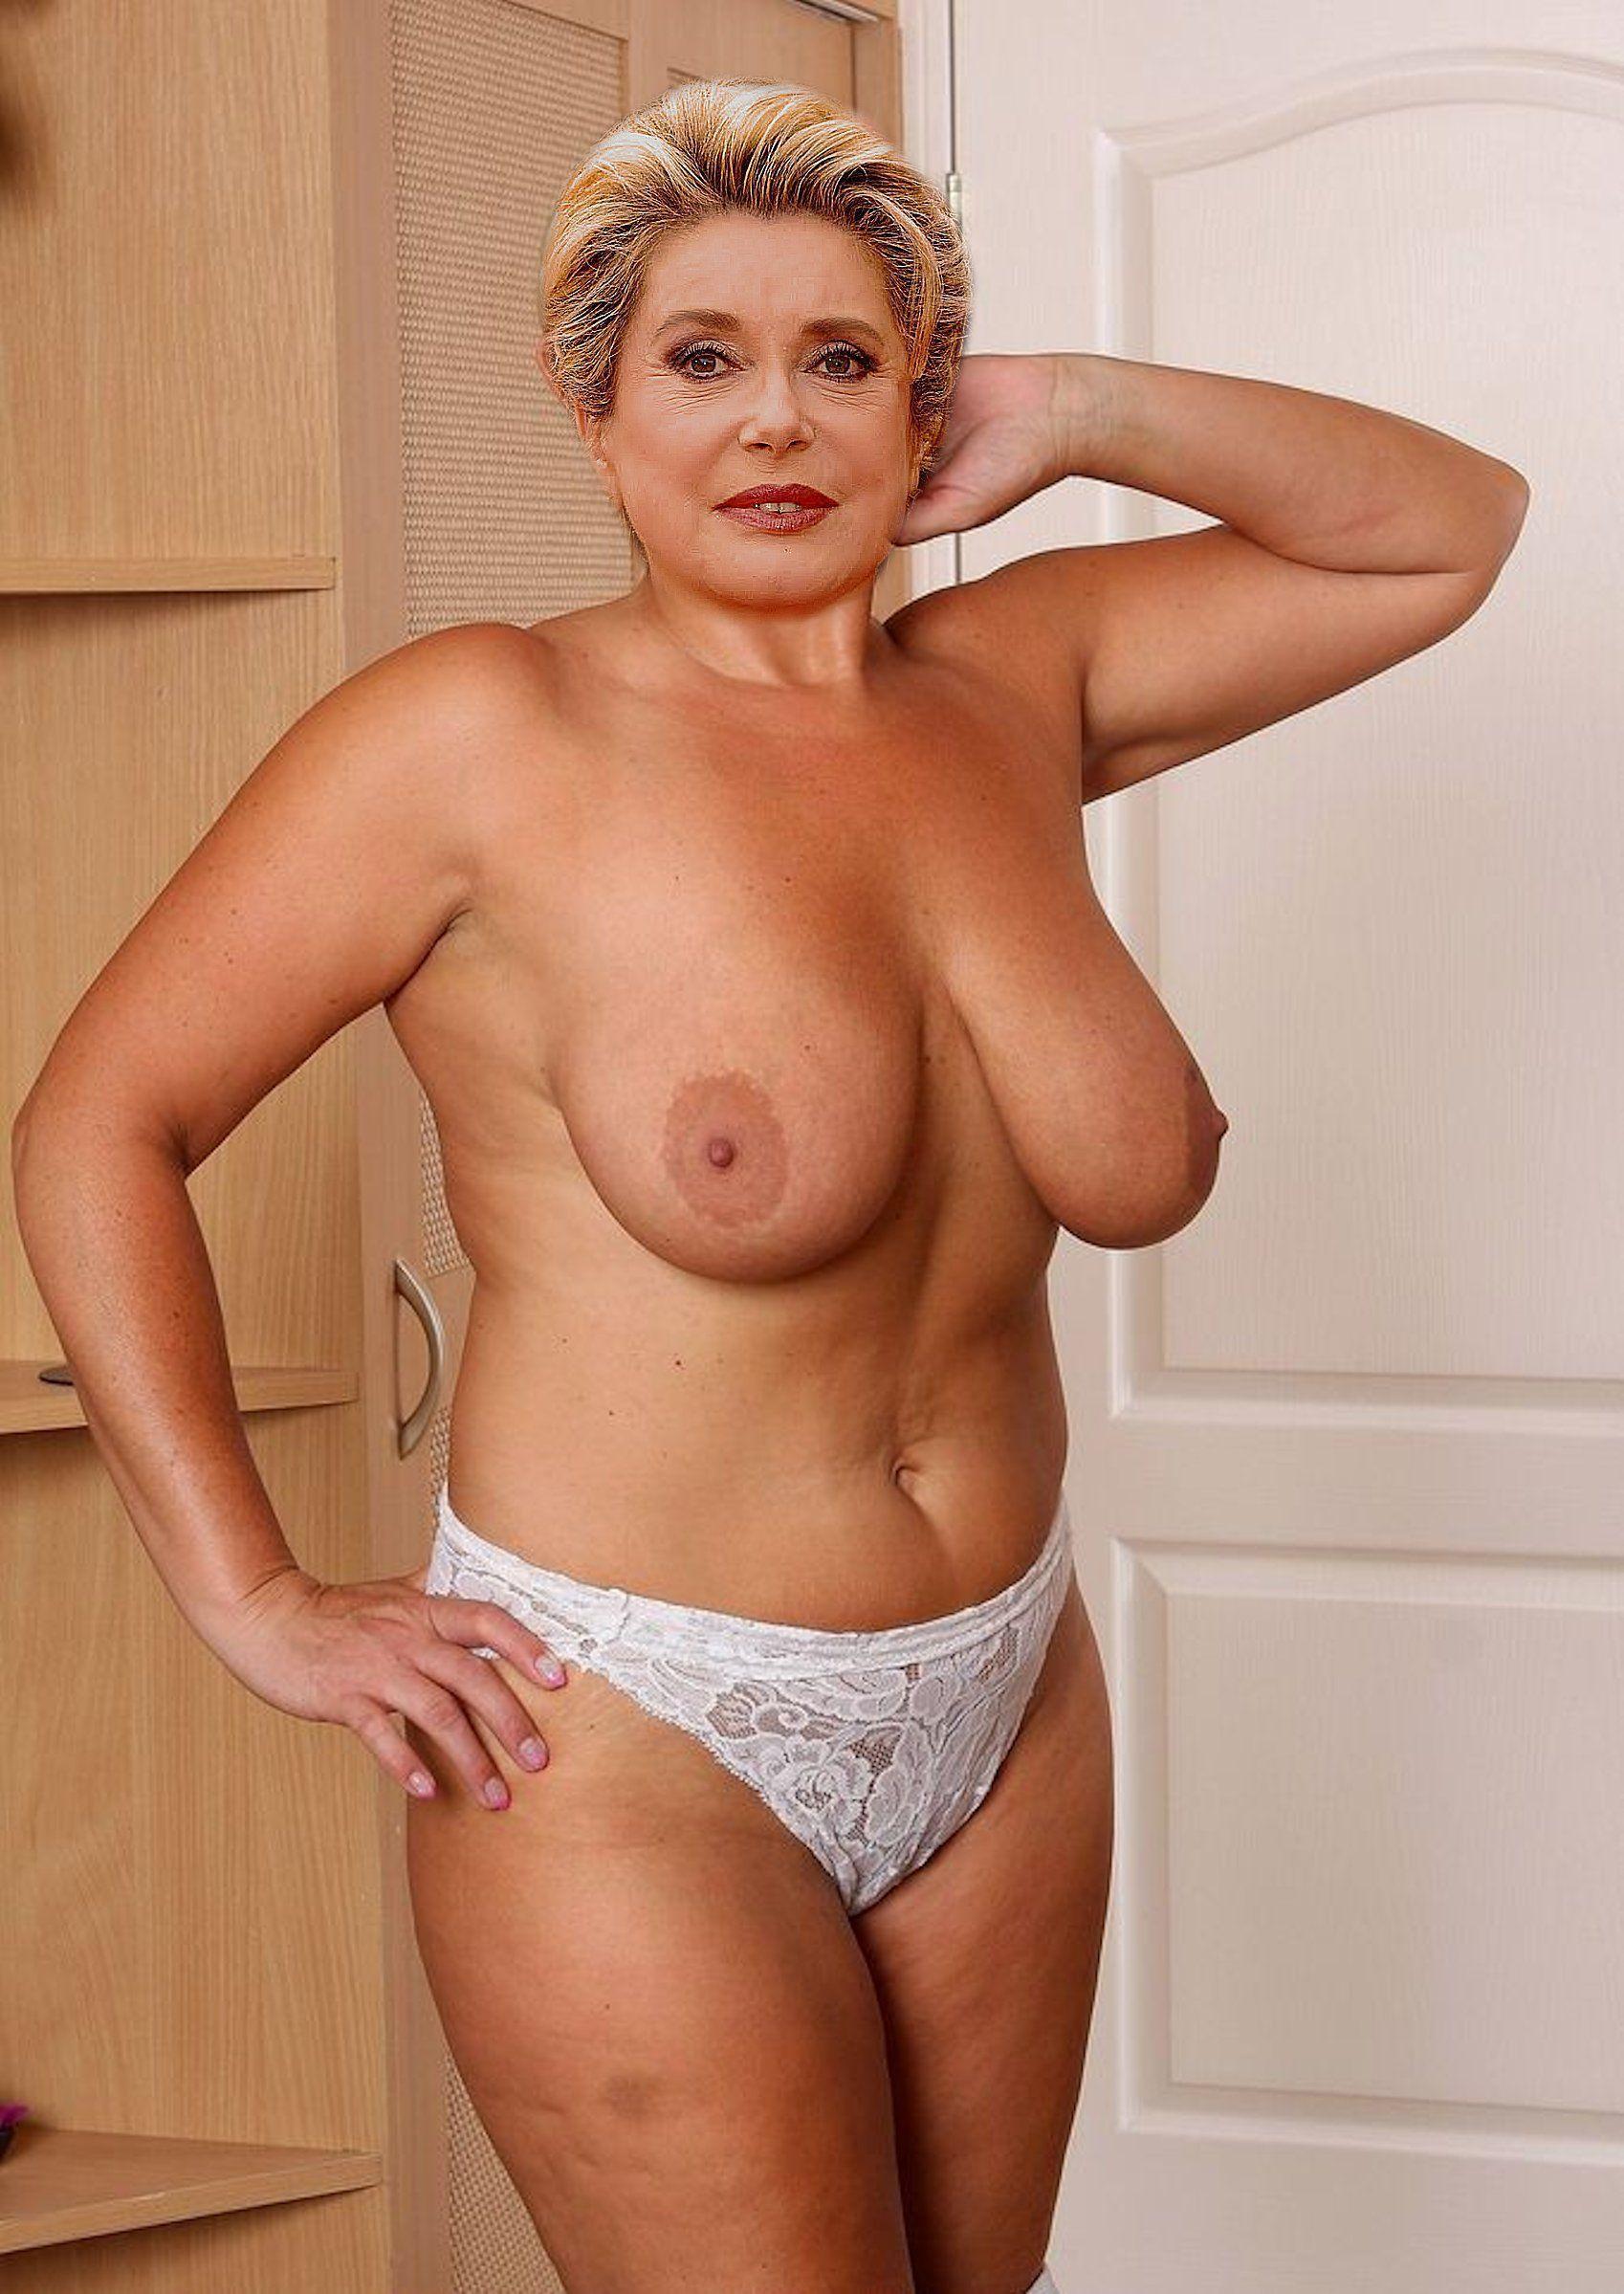 Самая сексуальная бабушка 17 фотография